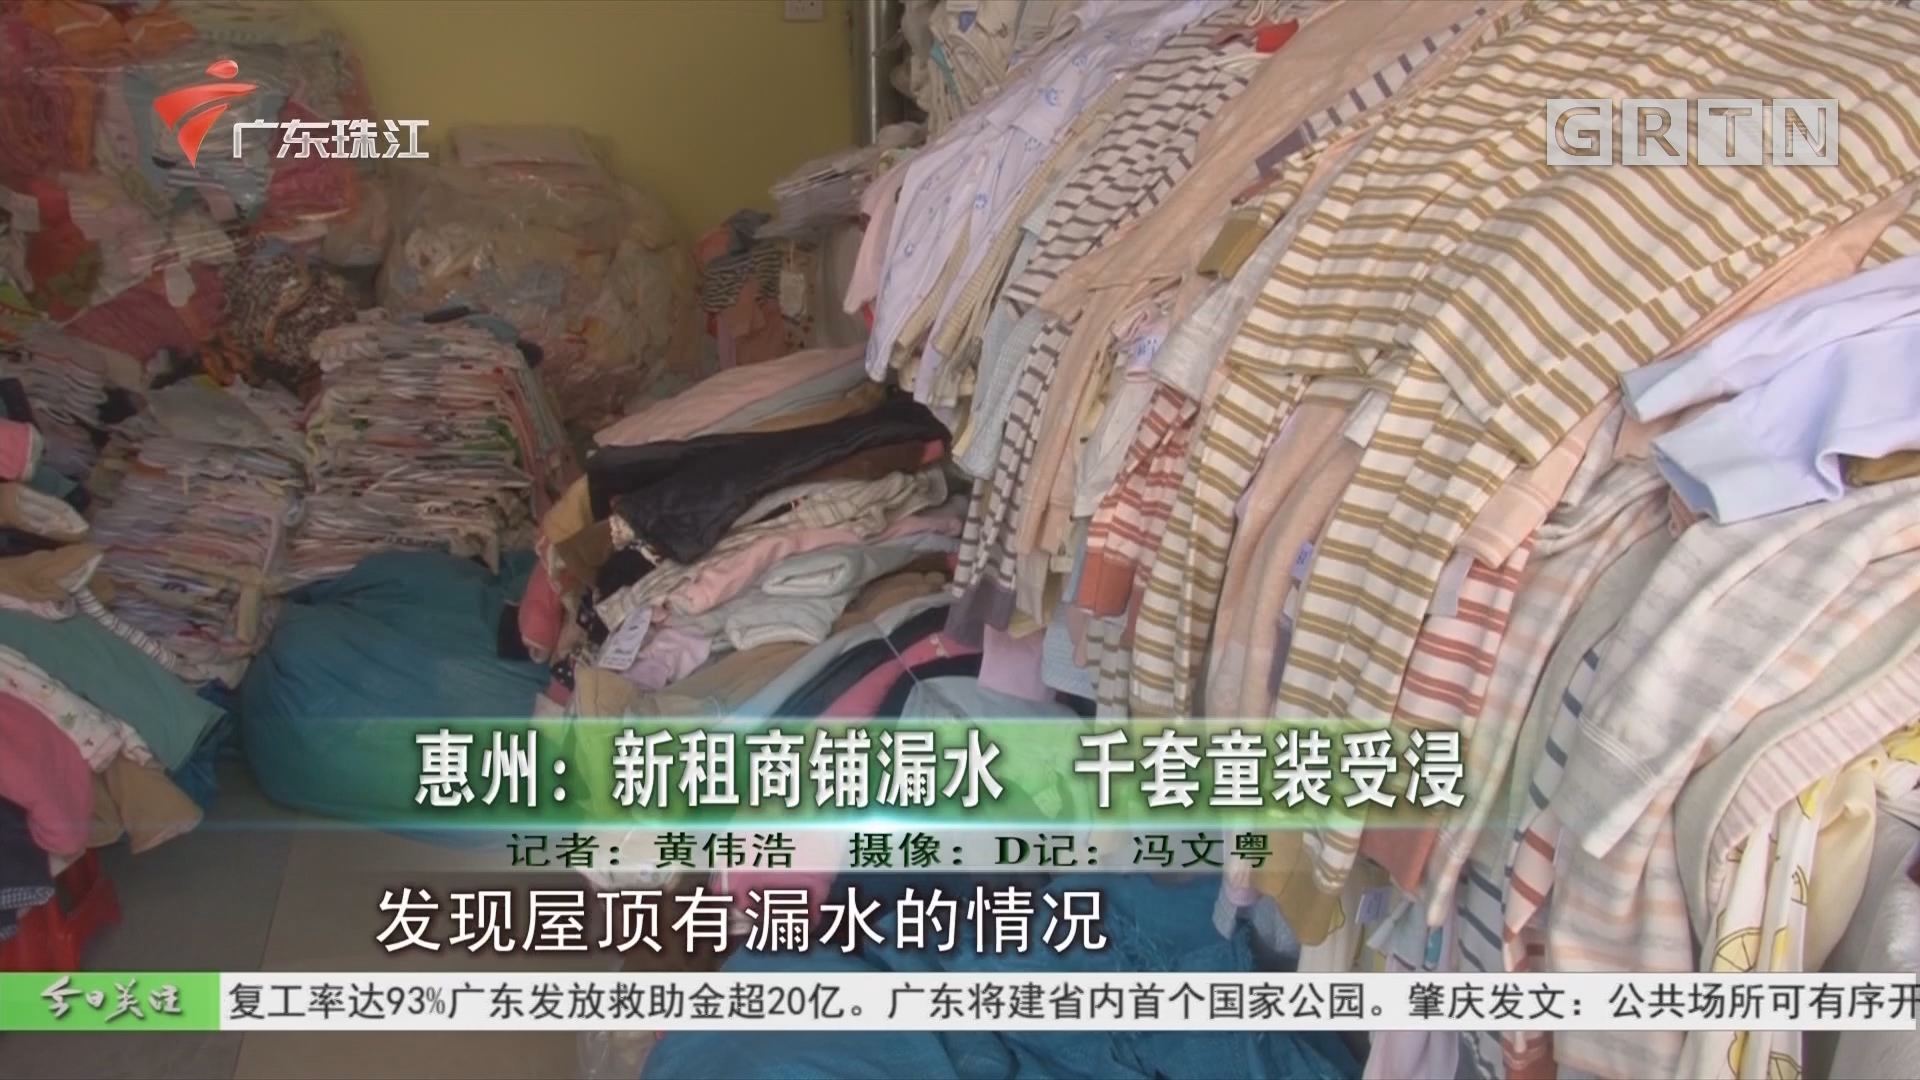 惠州:新租商铺漏水 千套童装受浸